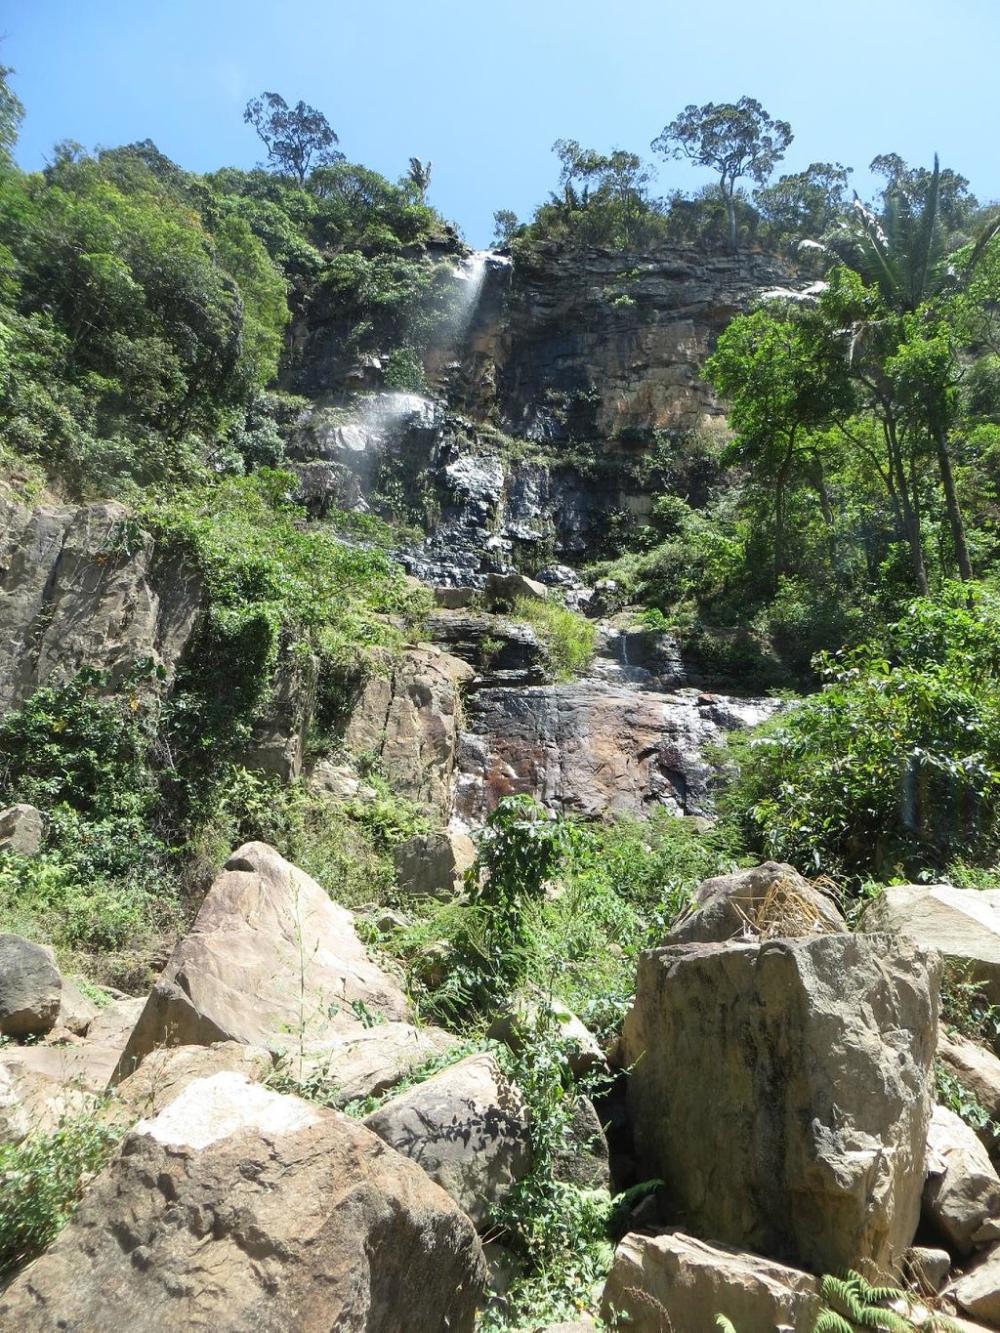 Ubajara Ceará fonte: i.pinimg.com